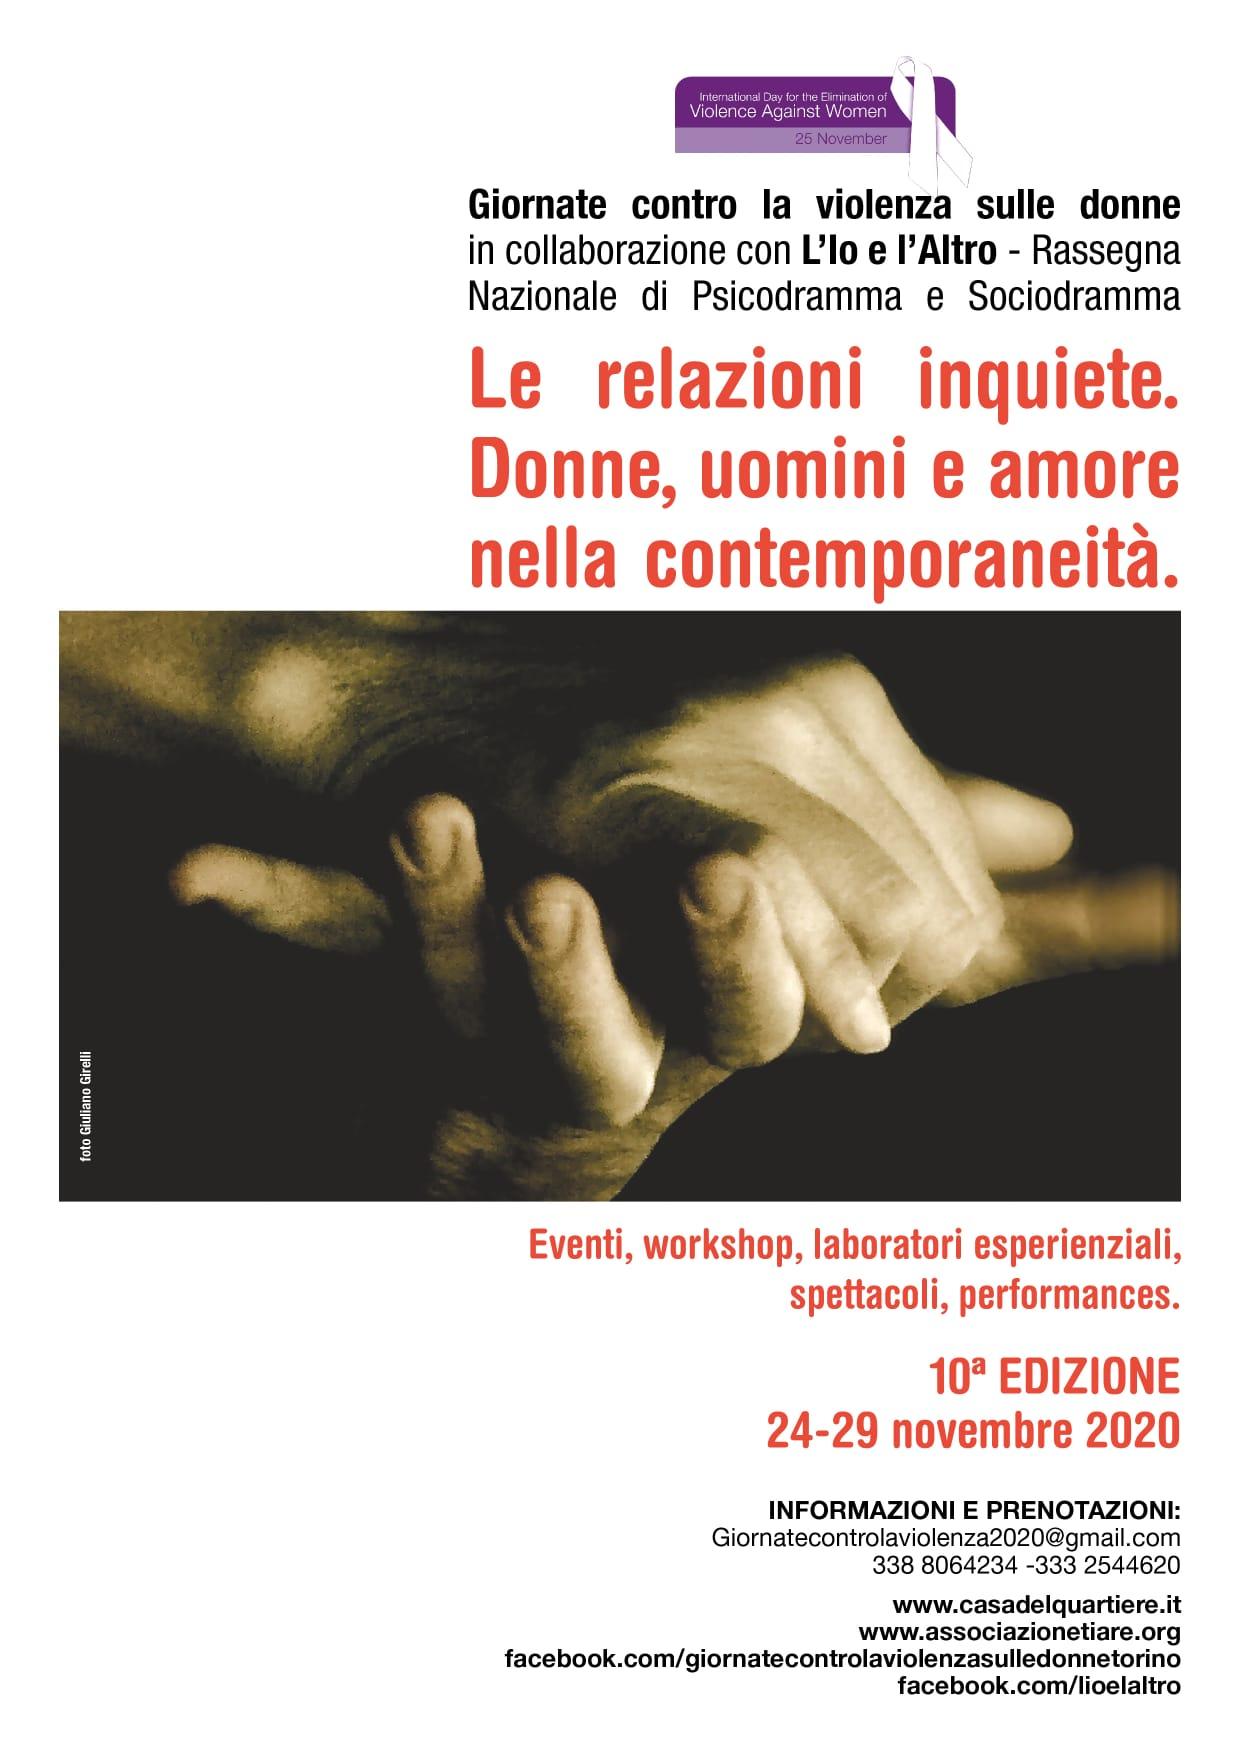 Giornate contro la violenza sulle donne 2020: Le relazioni inquiete